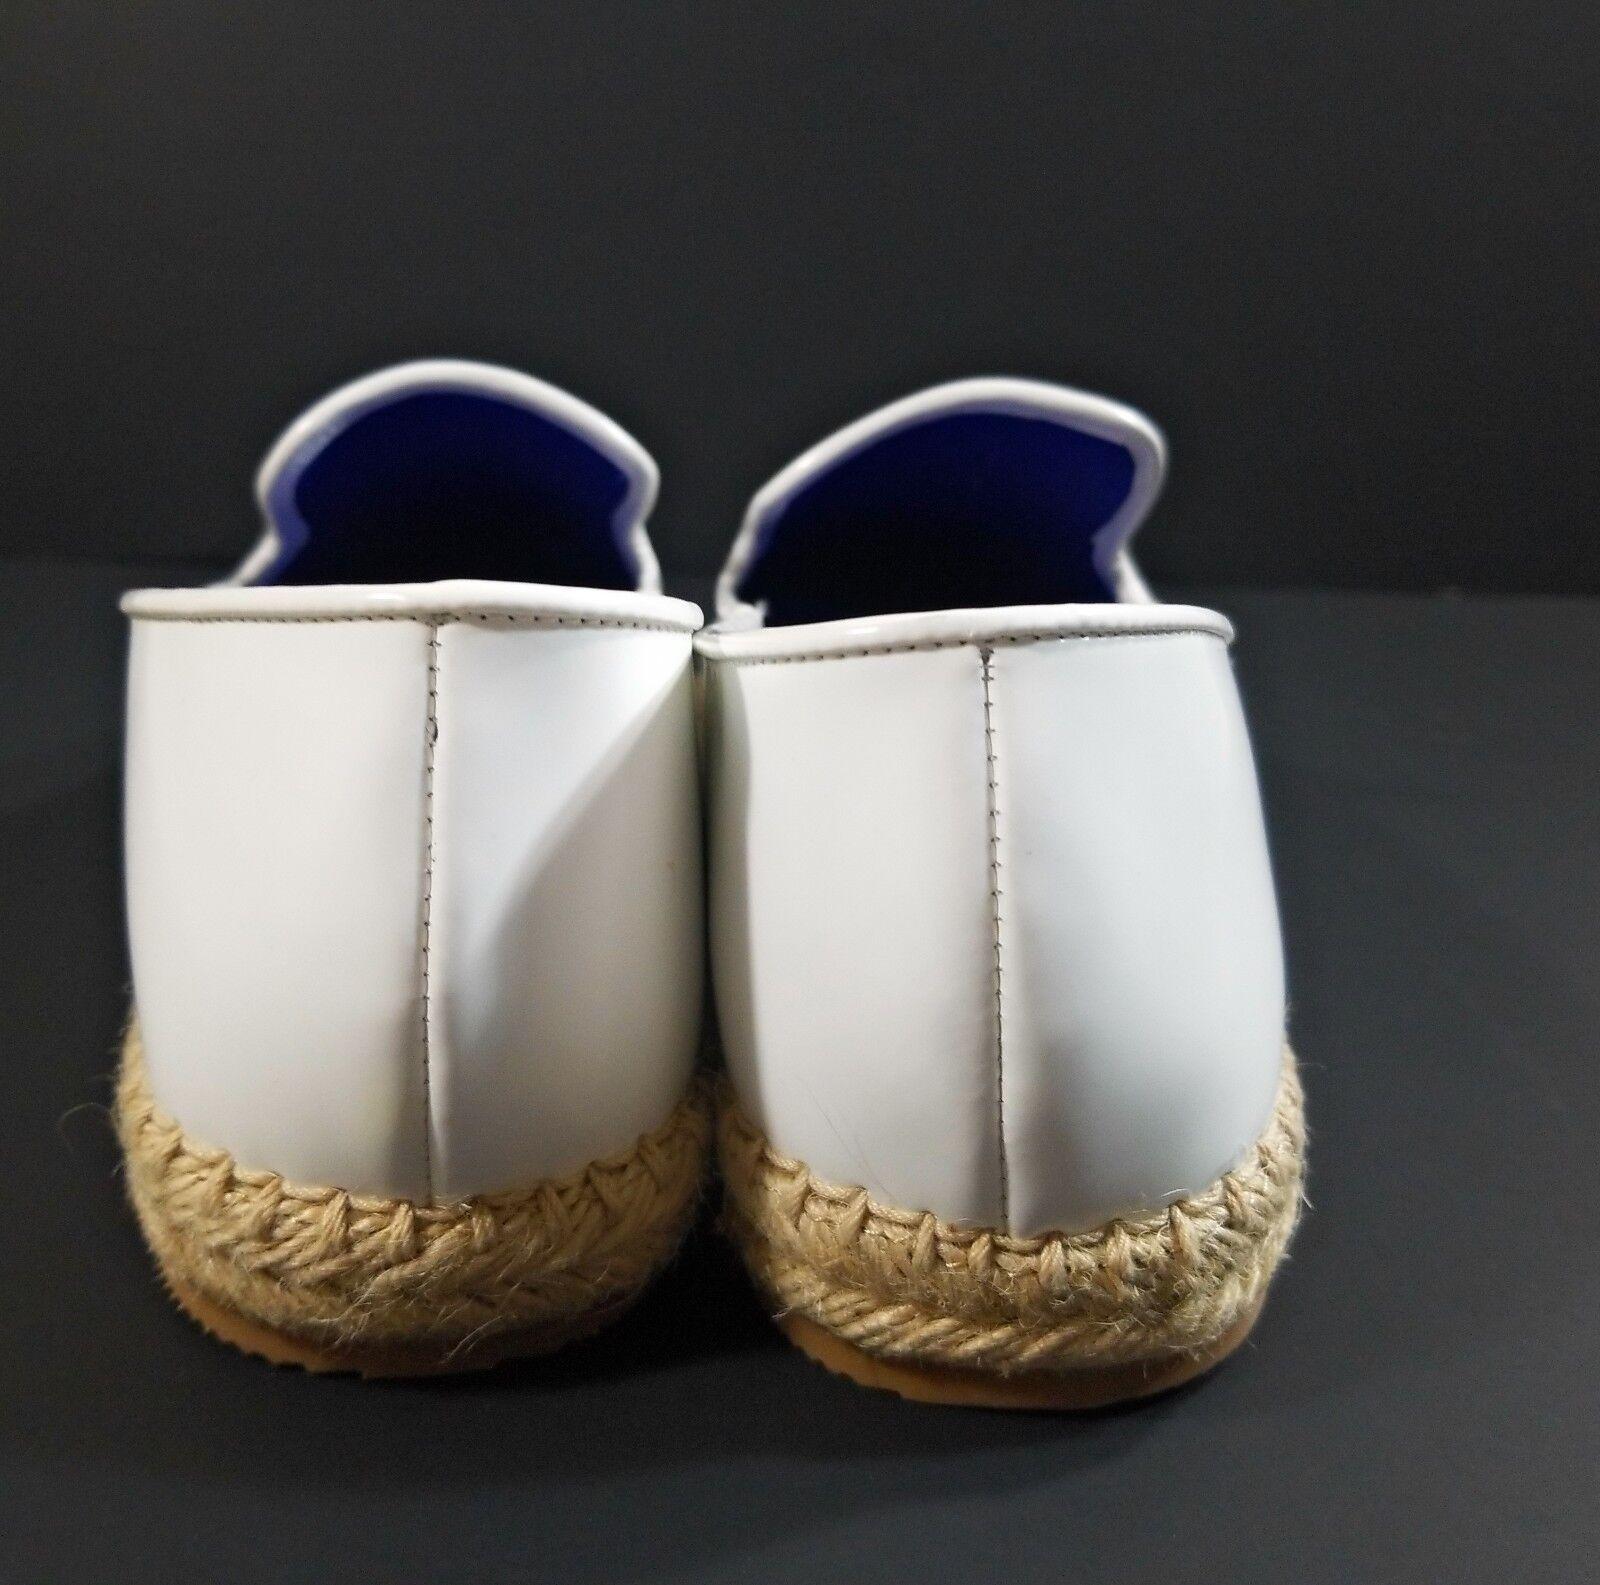 Zapatos De De Zapatos Cuero Campbell Ibiza last Mujer blancoo antideslizante en mocasines de fumar Flats 8.5 a31c18